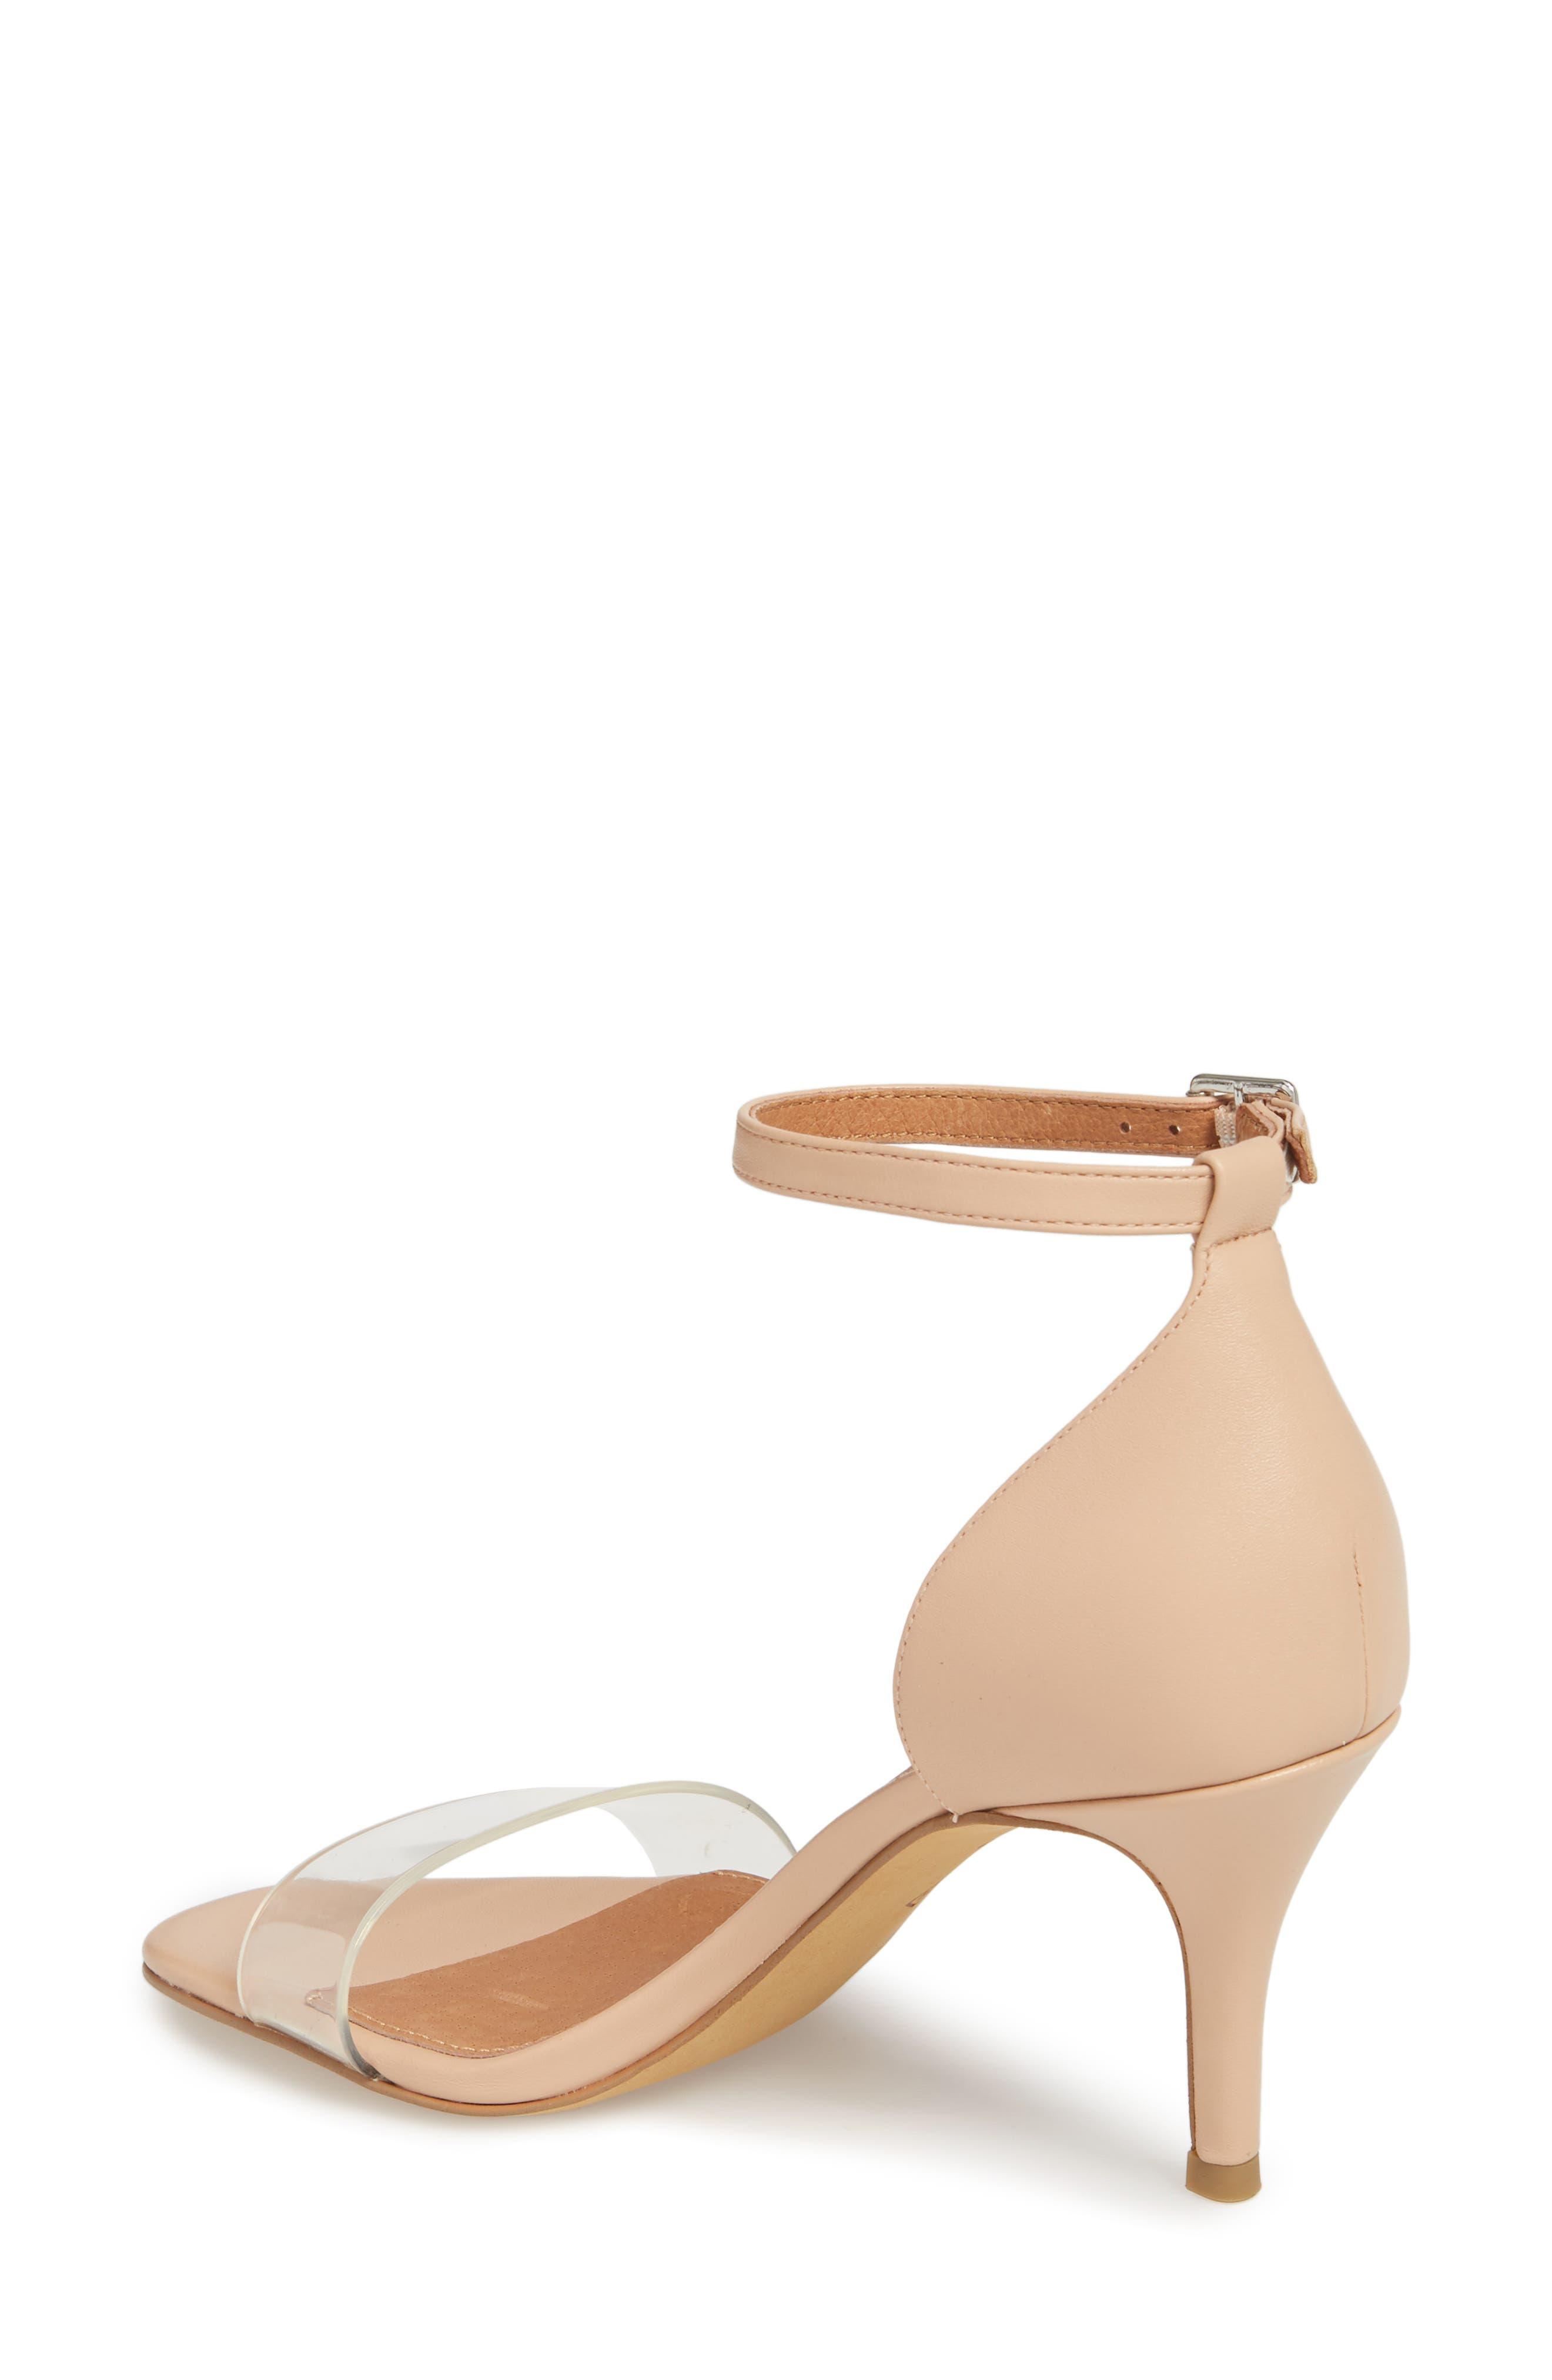 Audrey Ankle Strap Sandal,                             Alternate thumbnail 32, color,